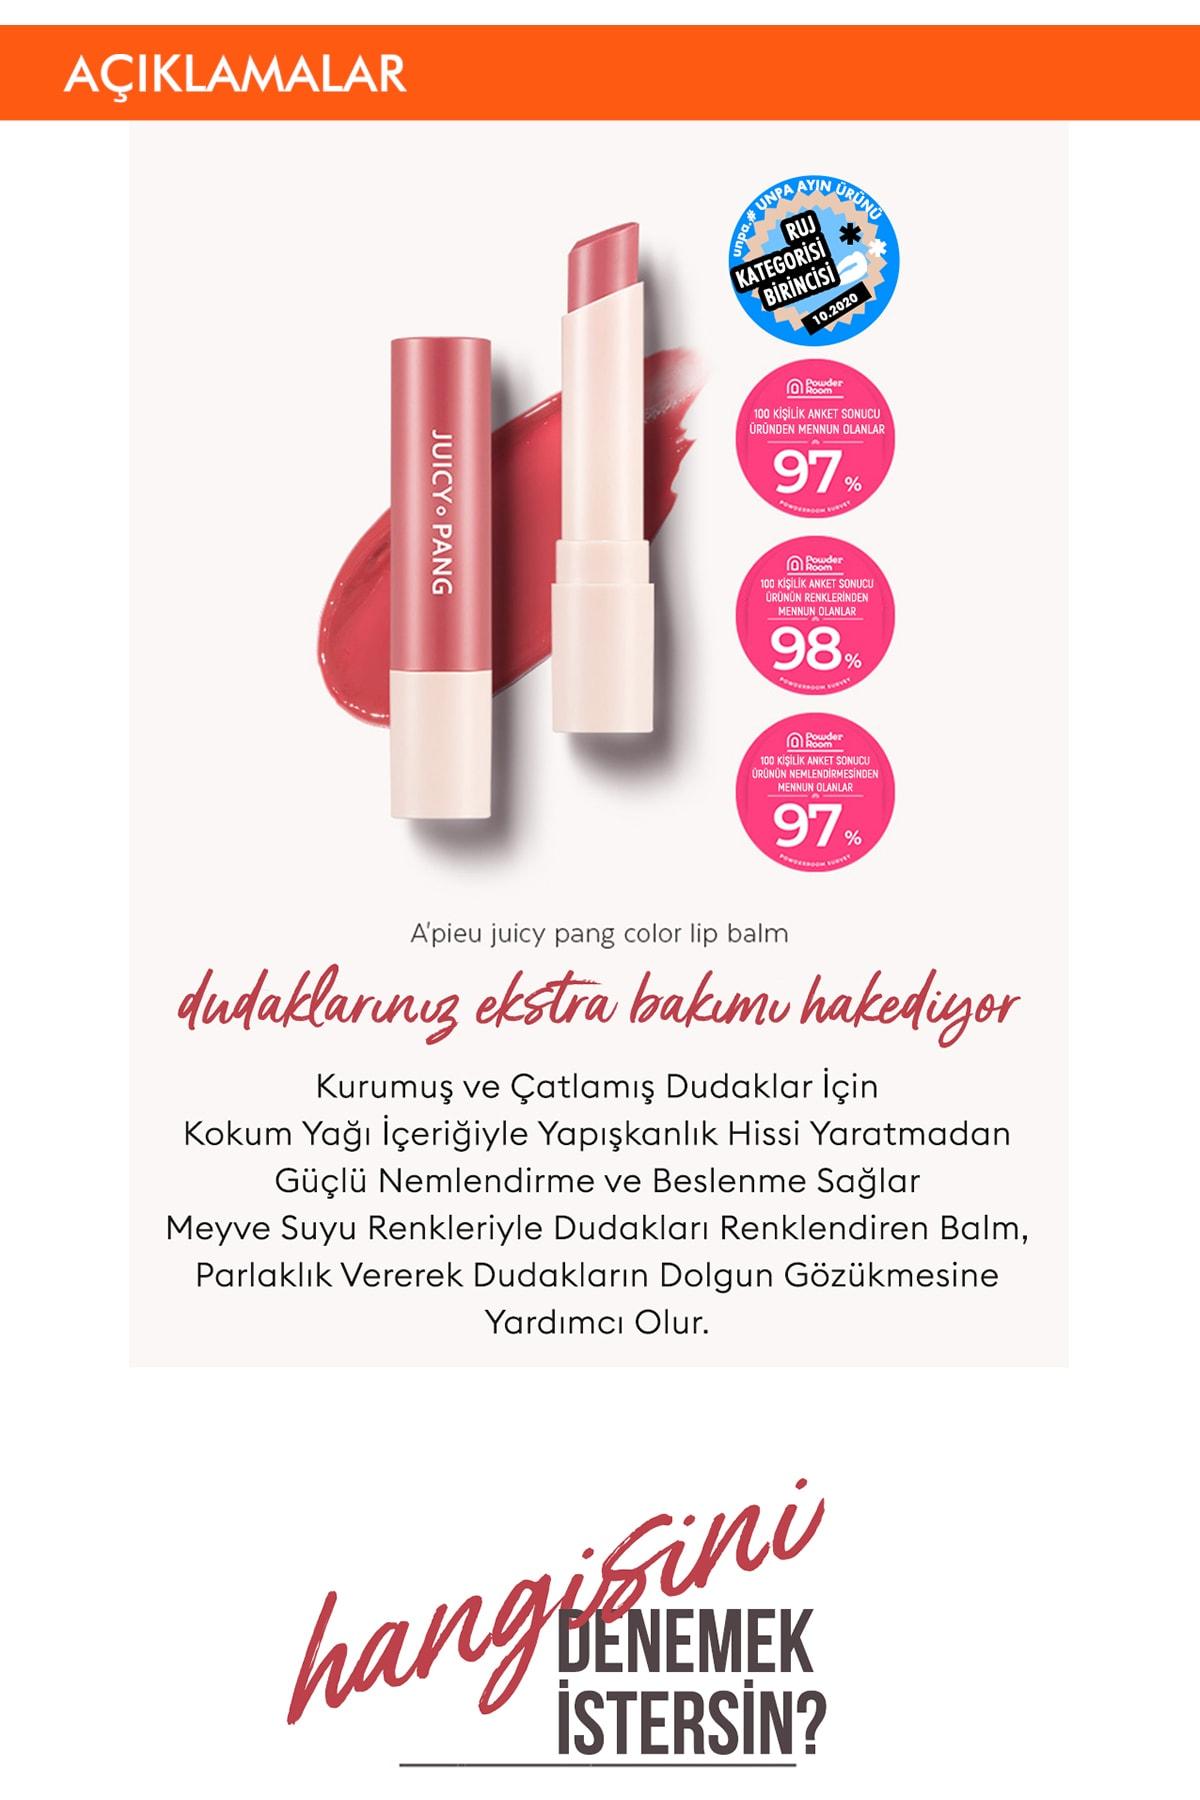 Missha Uzun Süre Kalıcı Canlı Renkli Nemlendirici Dudak Balmı APIEU Juicy-Pang Color Lip Balm (CR02) 2